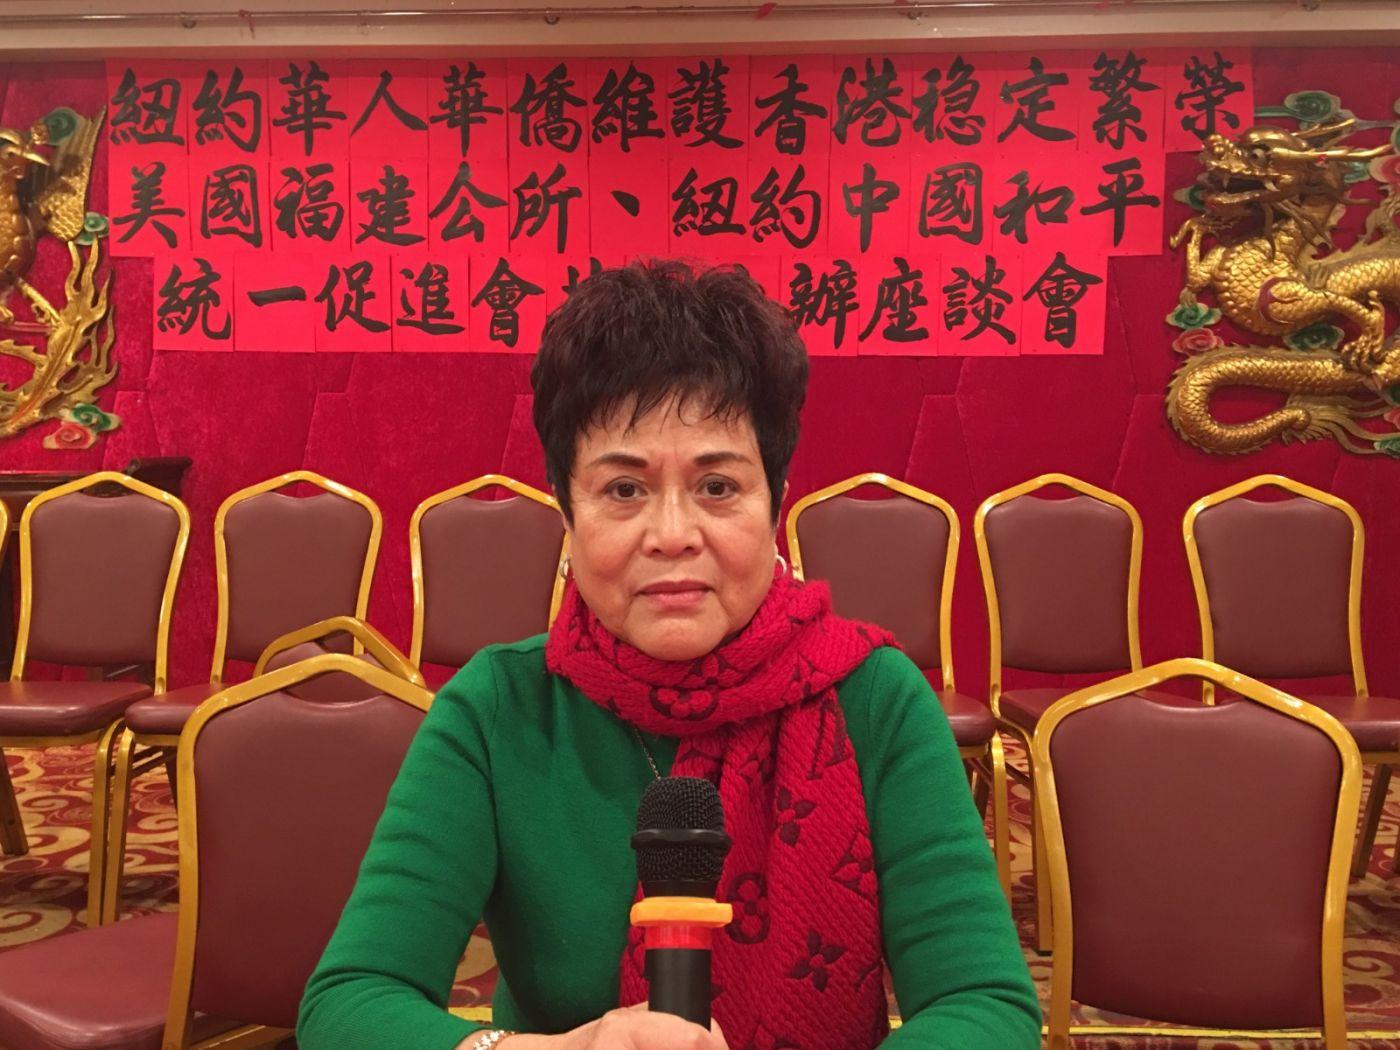 紐約華人華僑維護香港穩定繁榮座談會在紐約舉行_图1-10